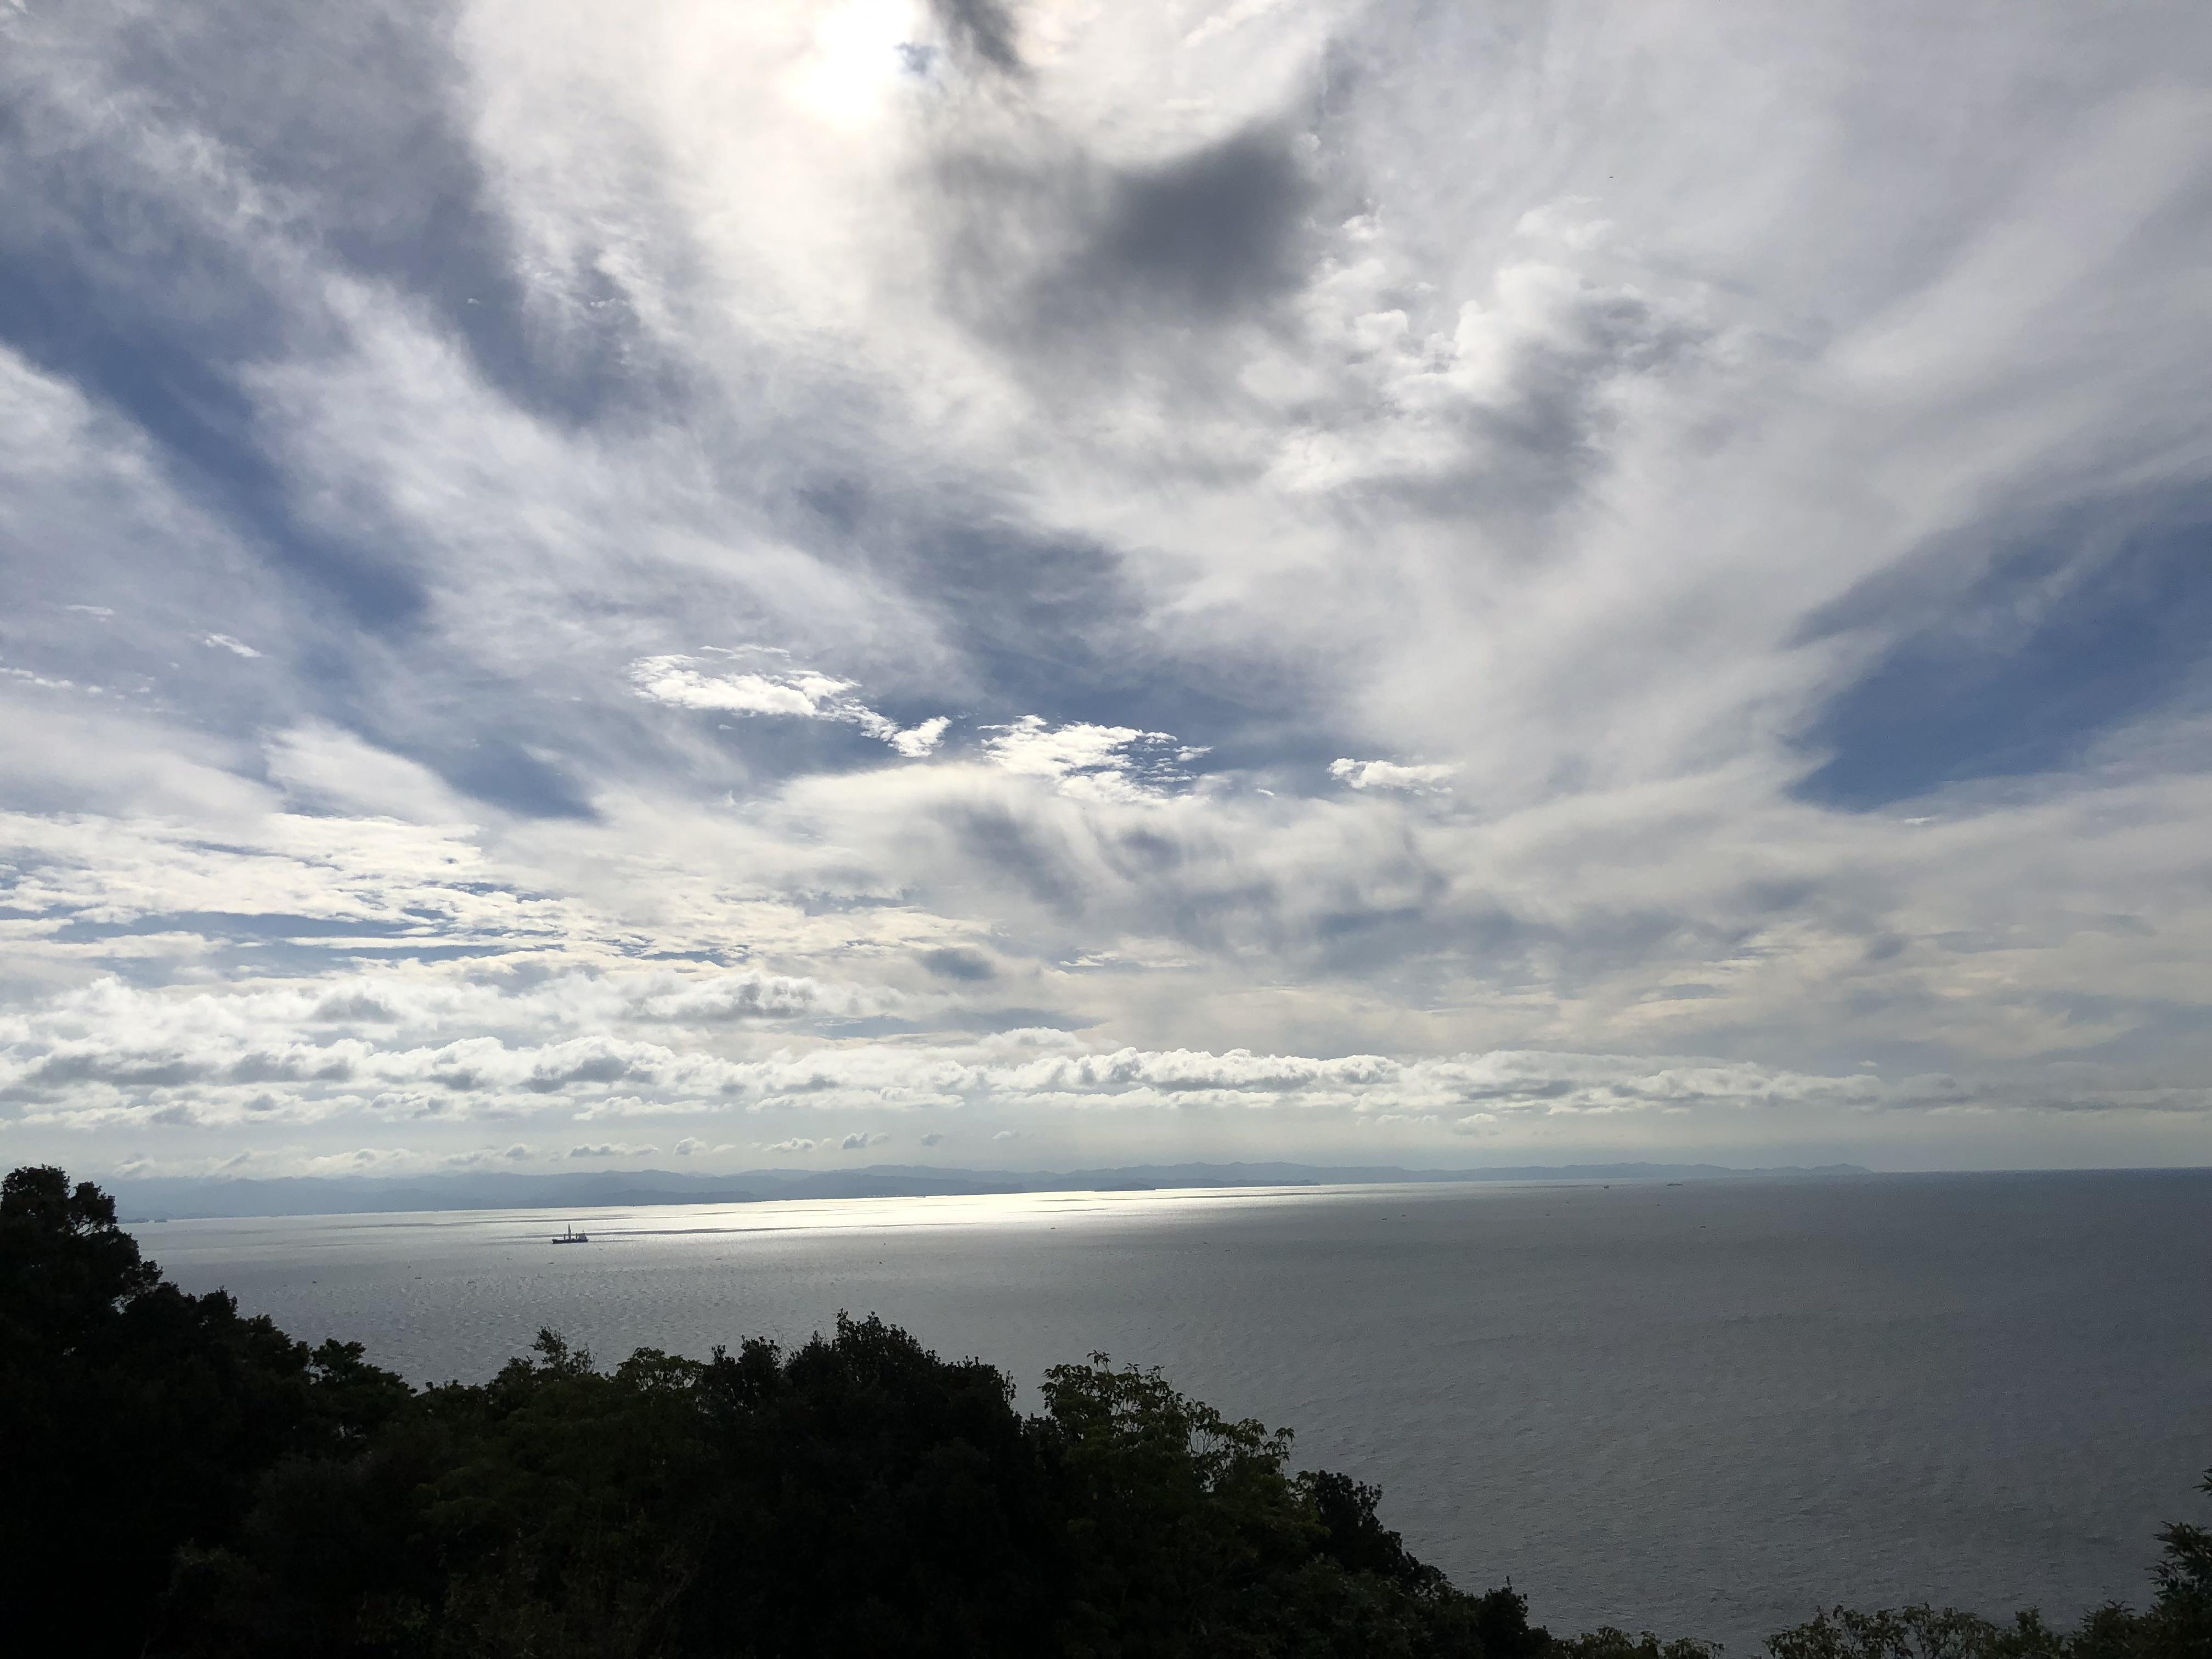 ぴーきち&ダイナ ハーレーで行く 室戸岬 ツーリング 生石公園 展望台